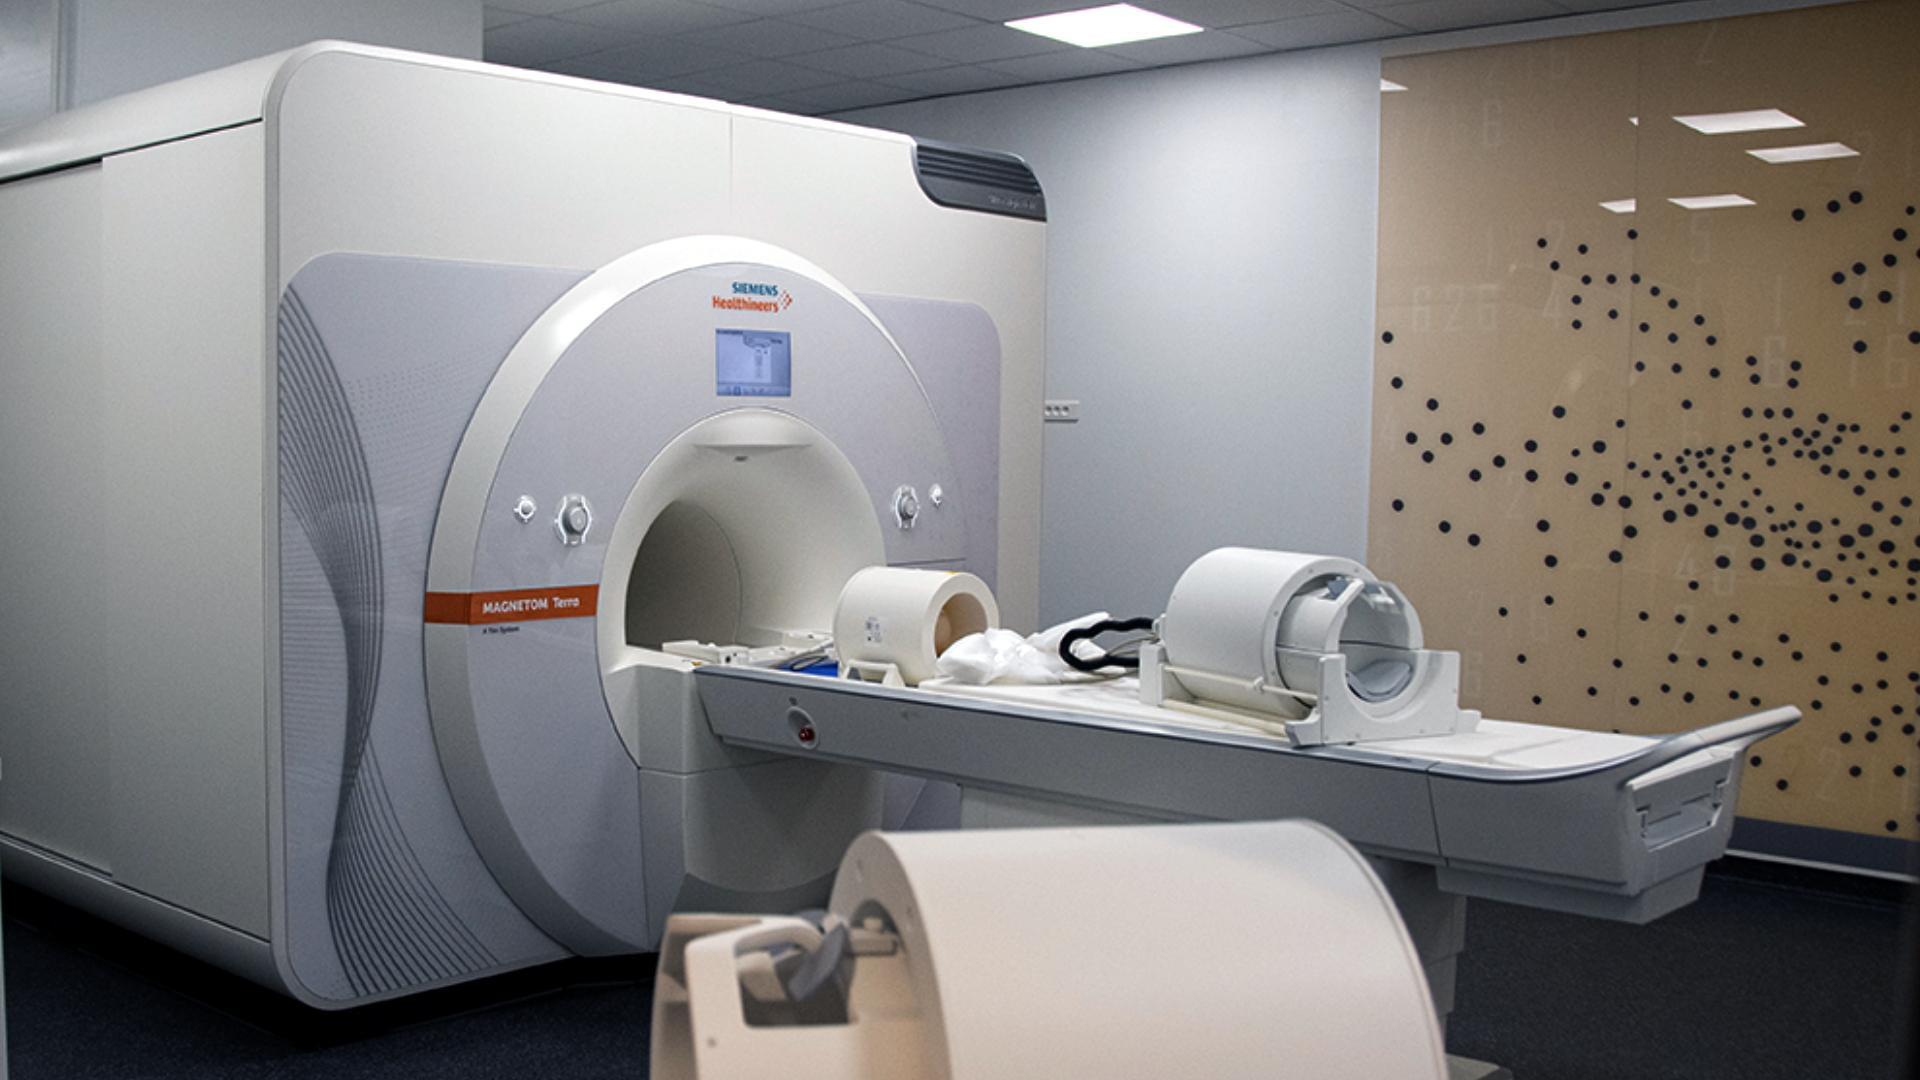 Le CHU de Poitiers s'équipe du premier IRM 7T clinique de France - Siemens Healthineers